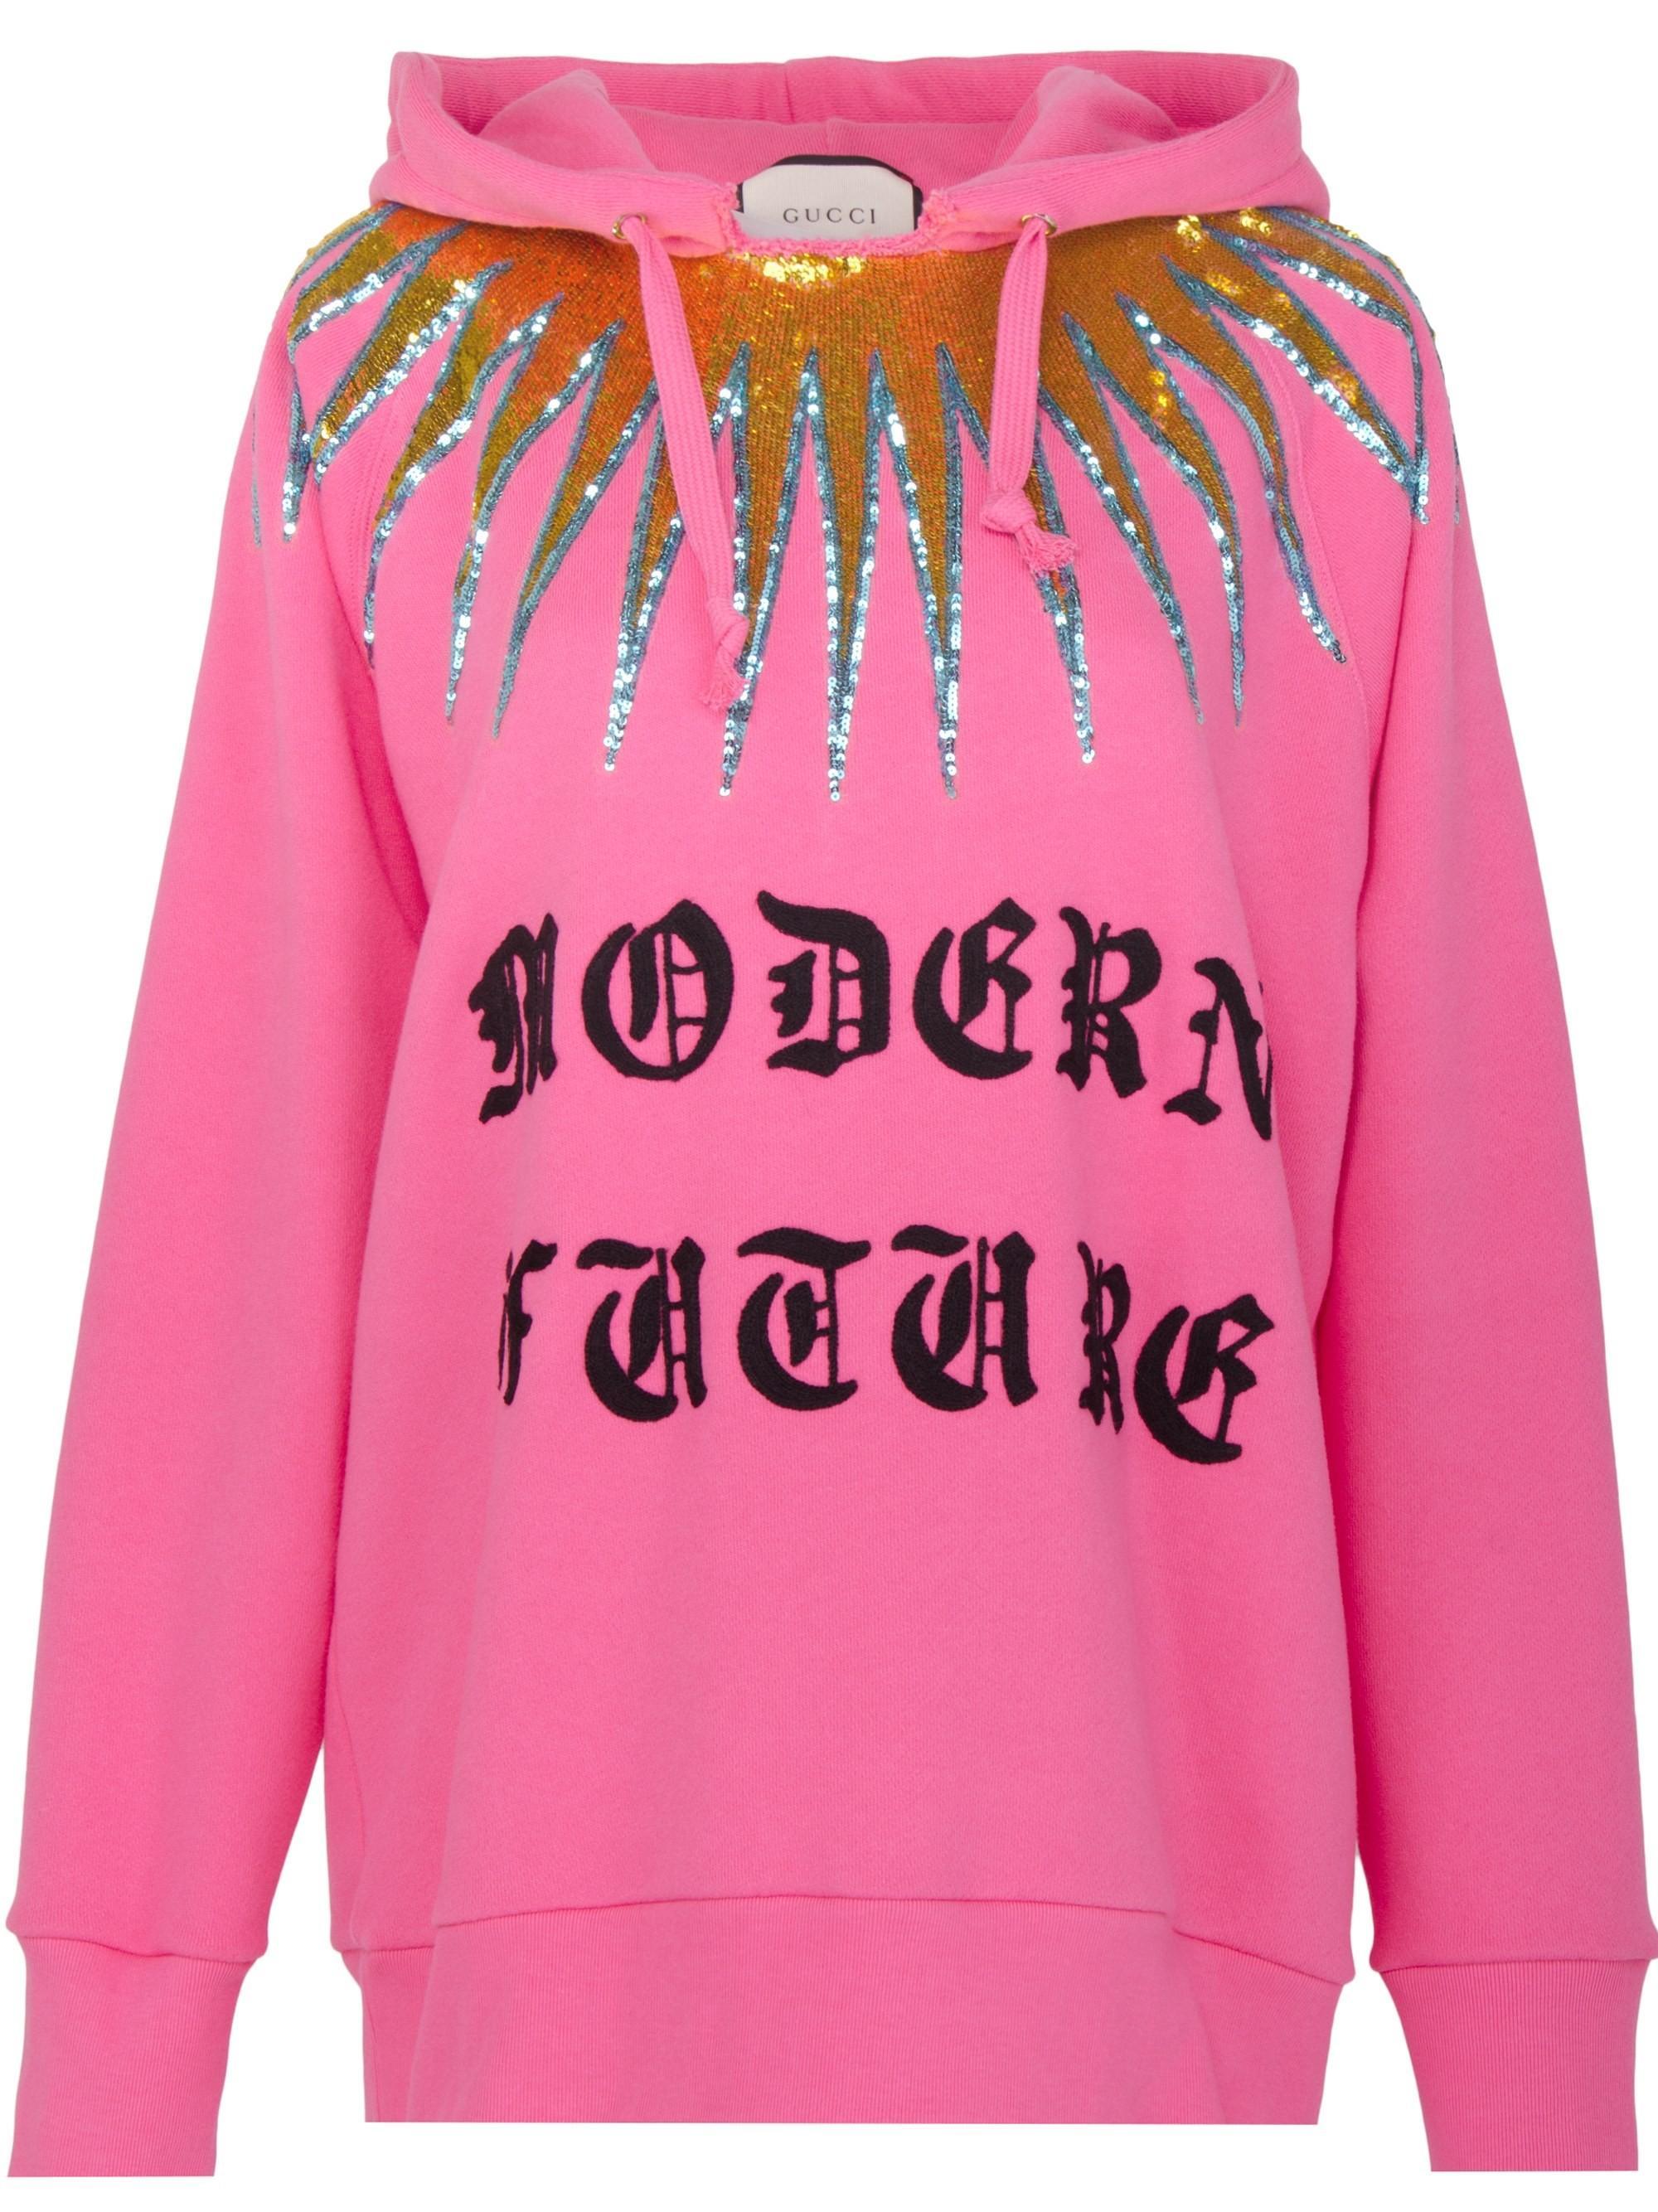 Lyst - Gucci Modern Future Cotton Sweatshirt in Pink